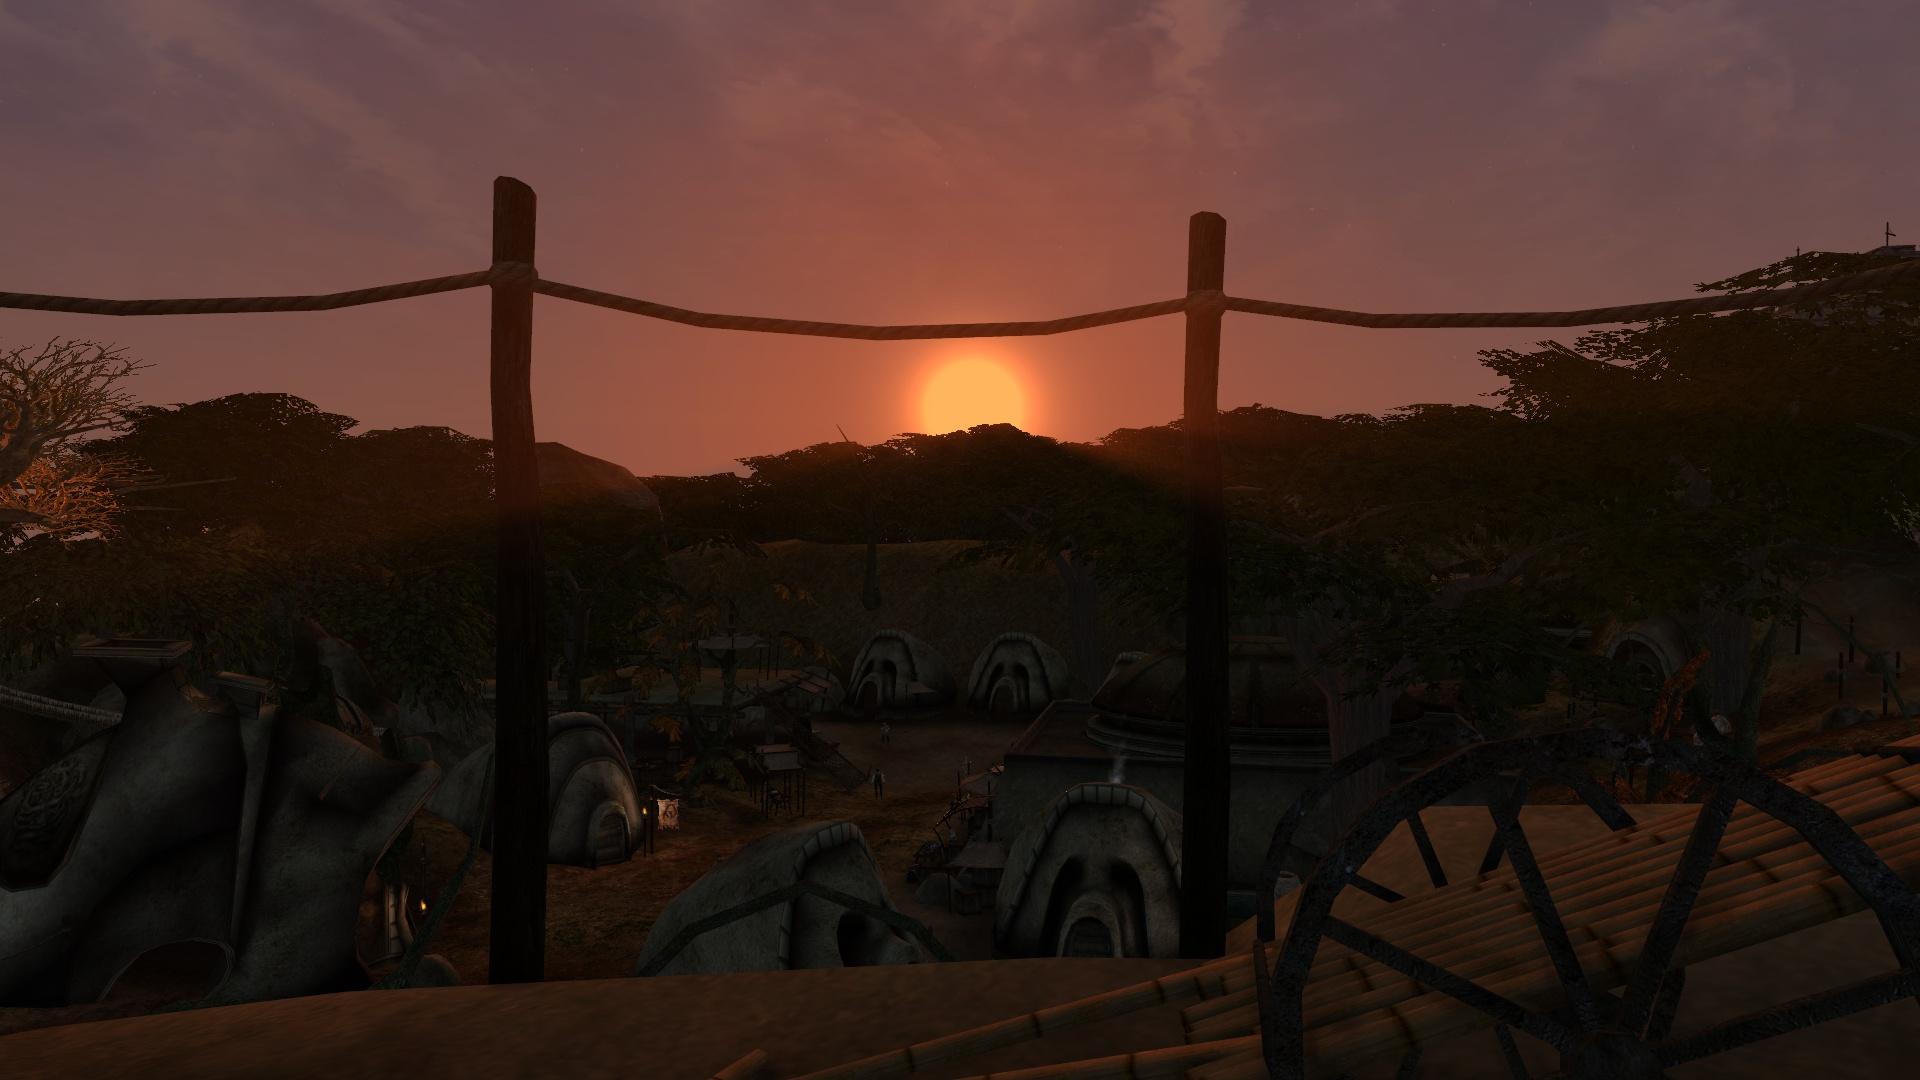 Morrowind 2018-11-07 01.37.49.307.jpg